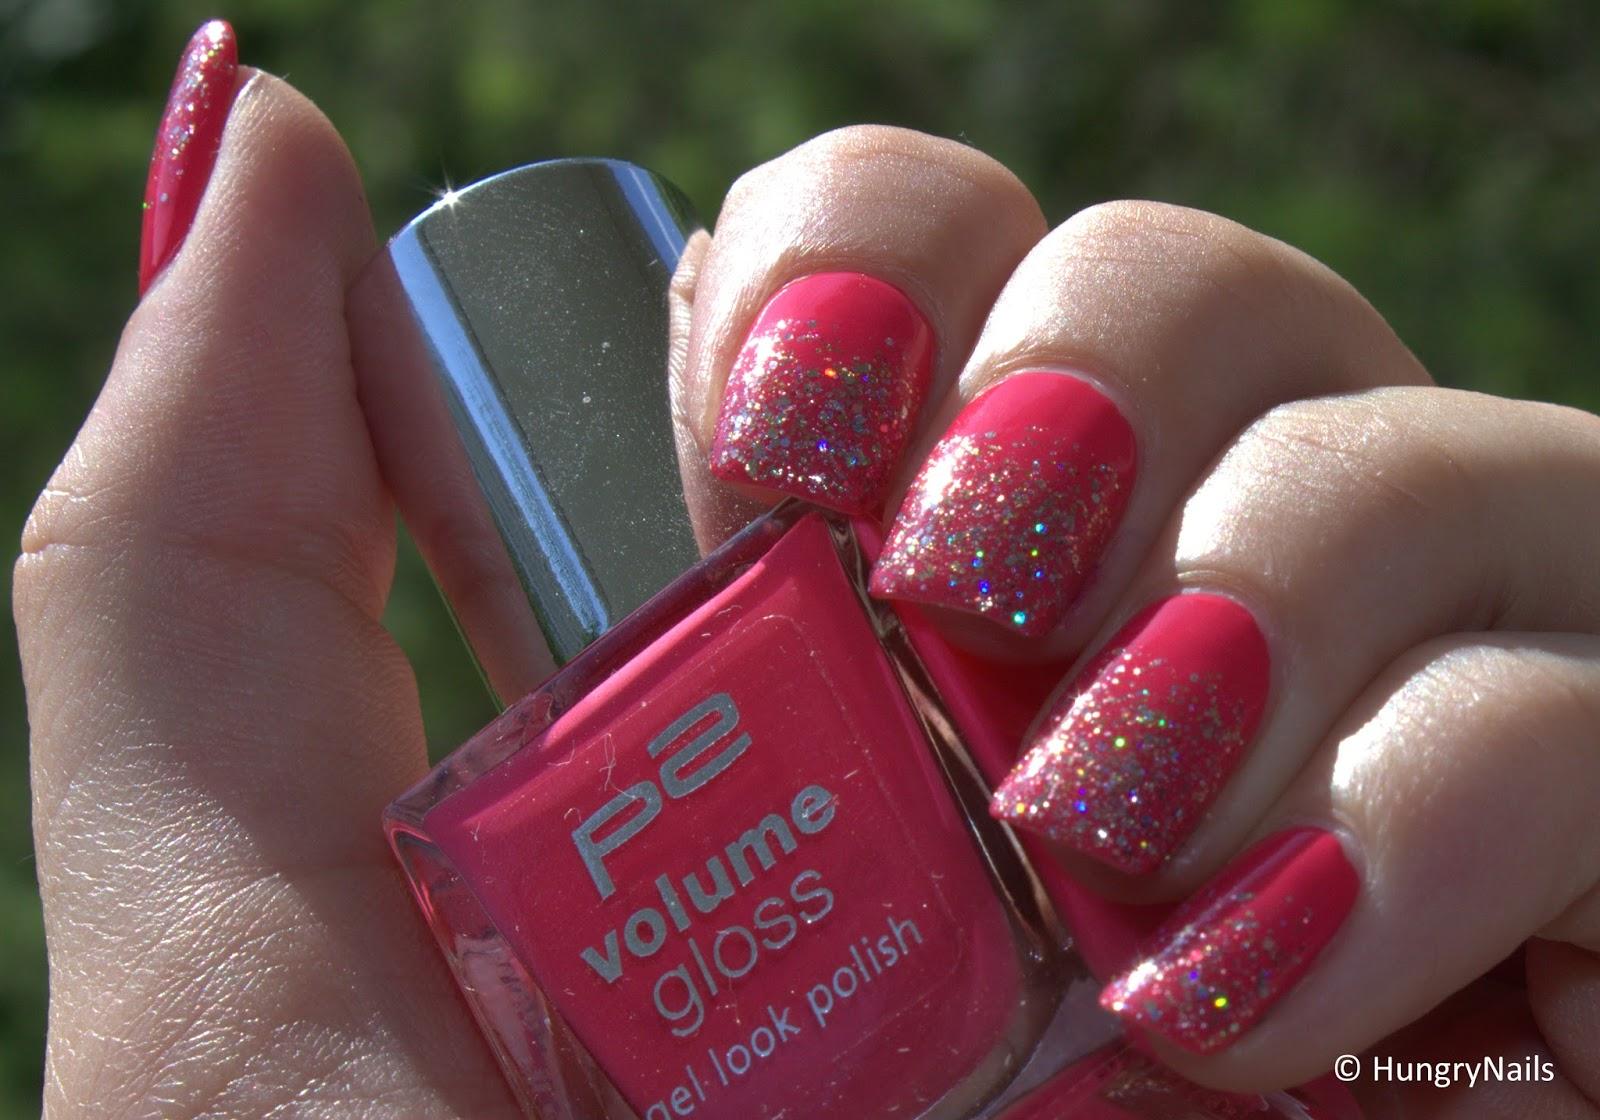 http://hungrynails.blogspot.de/2014/06/tutorial-glitter-gradient.html